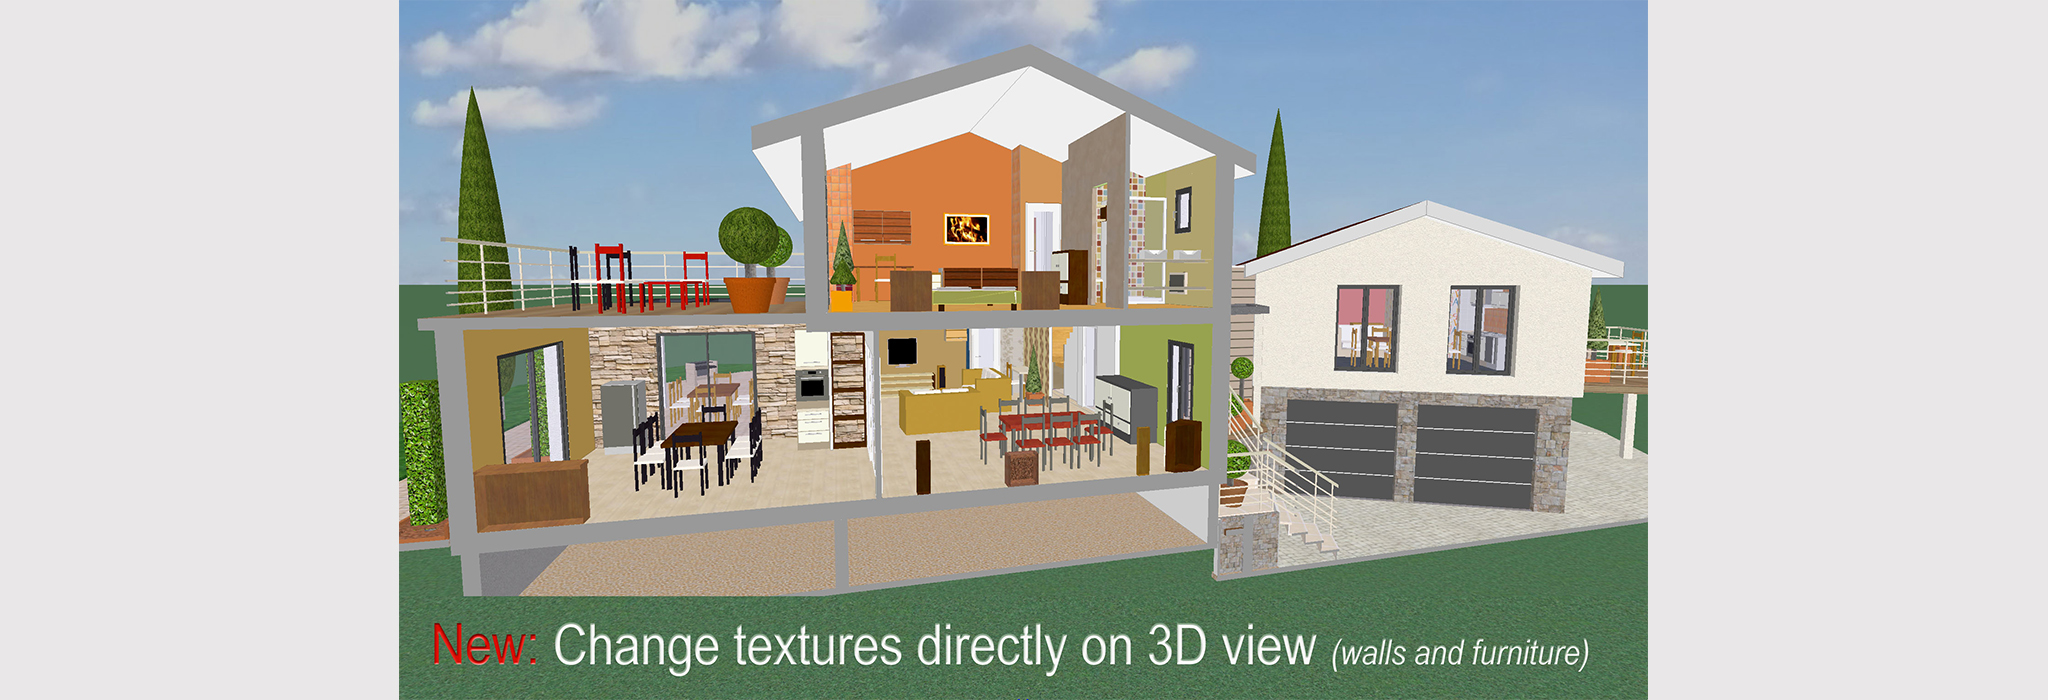 Baixar home design 3d para pc crackeado home design 3d for Home design 3d outdoor garden full version apk